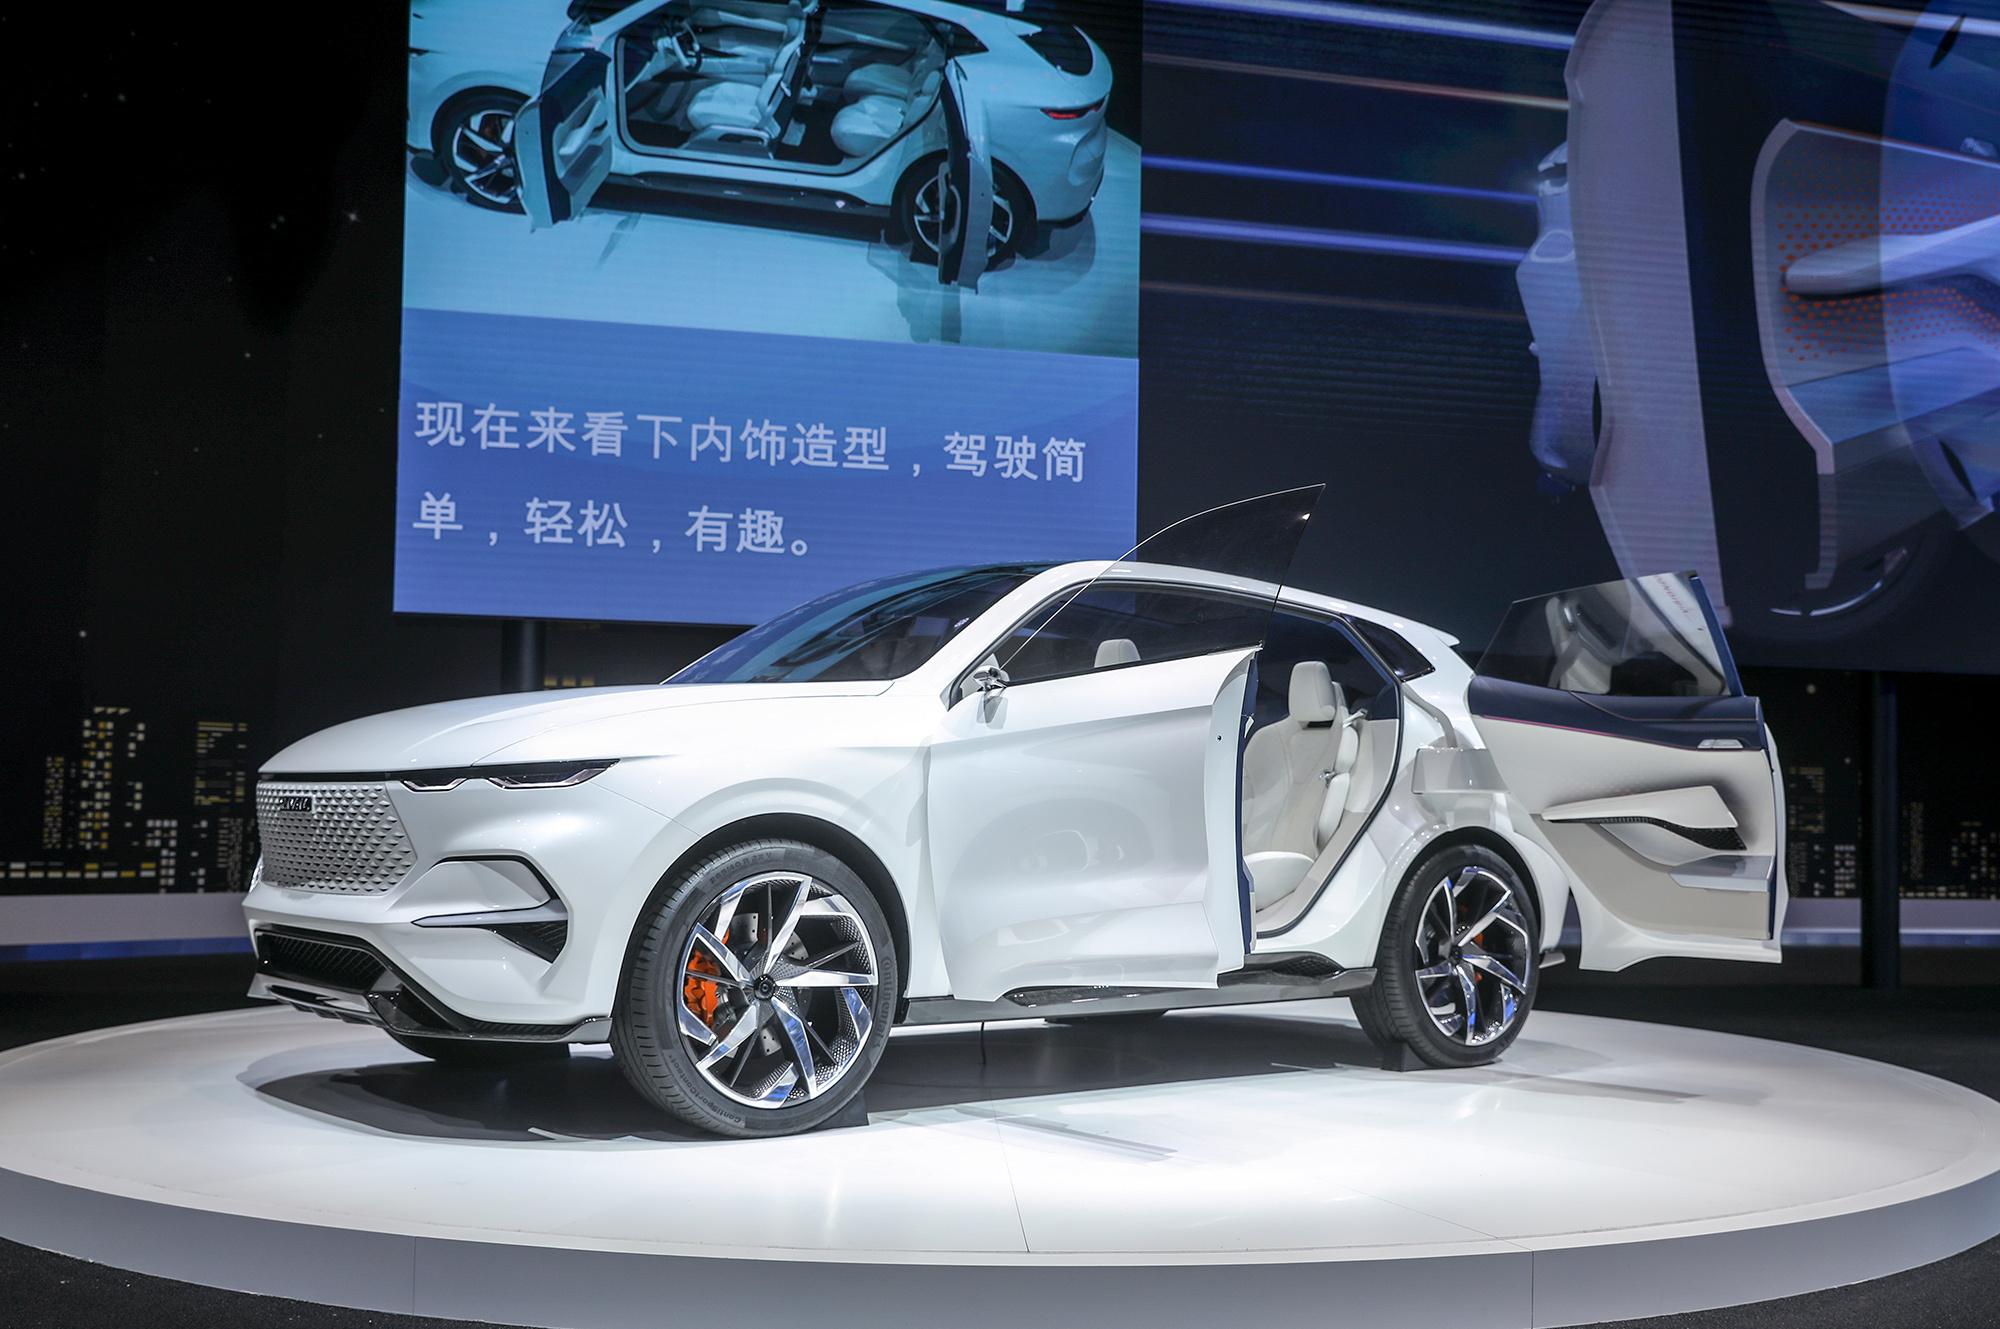 Šef dizajna Havala: Ne rugajte se kineskim automobilima